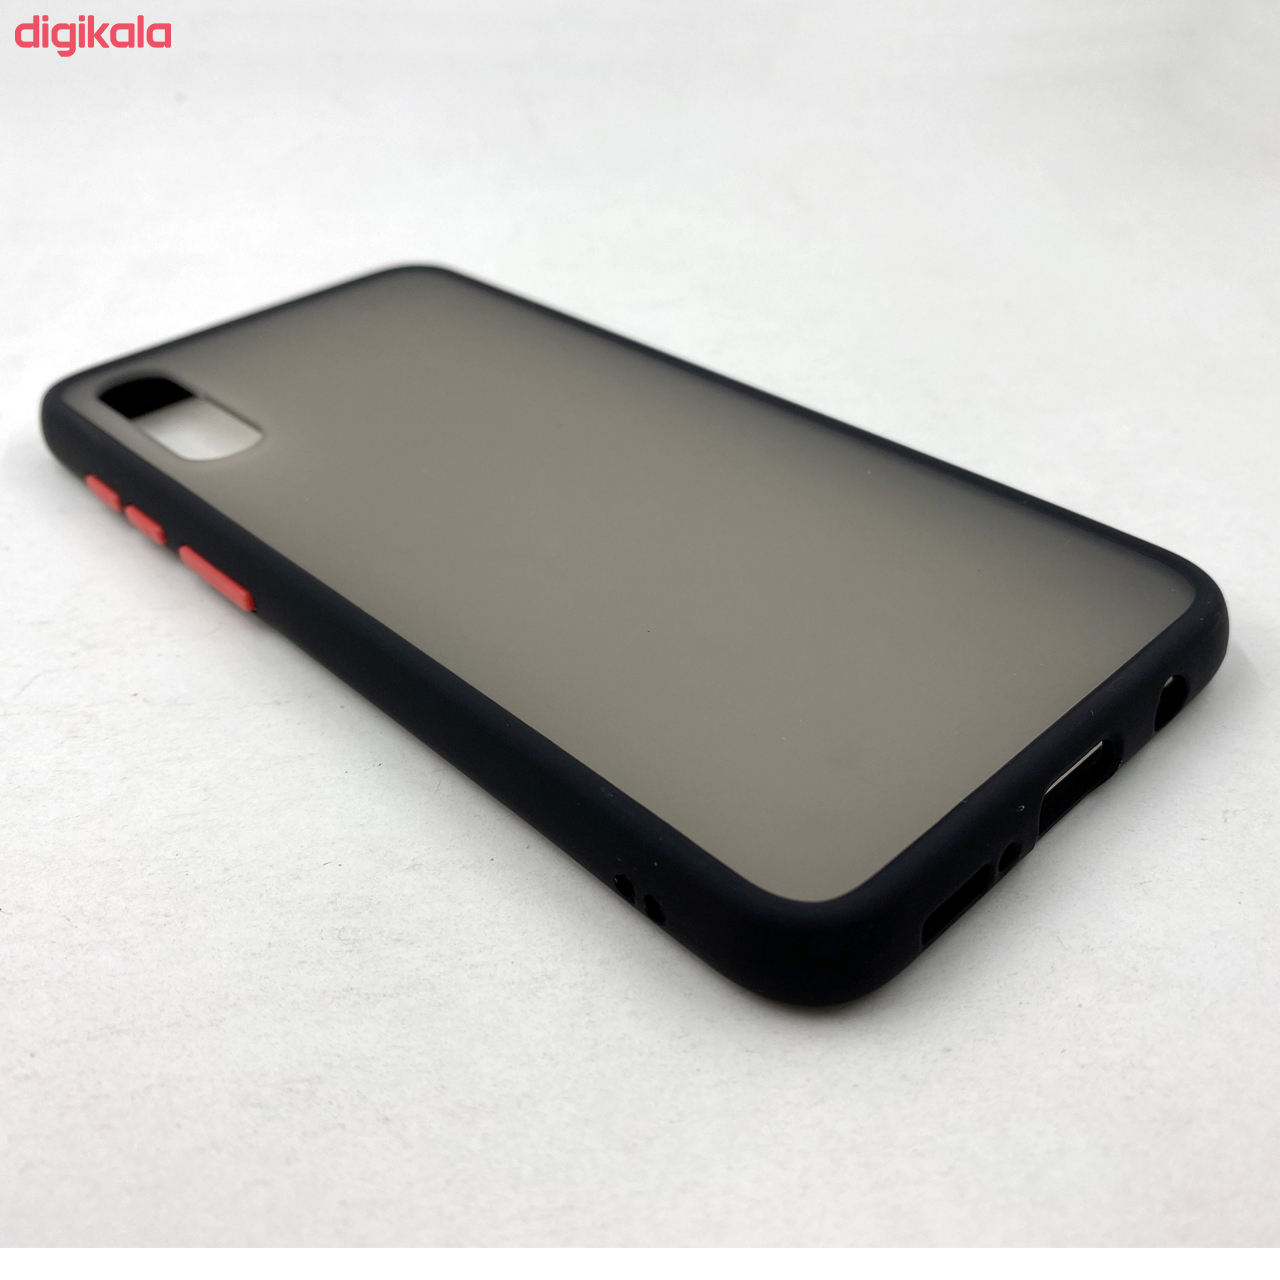 کاور مدل MTT مناسب برای گوشی موبایل سامسونگ Galaxy A50 / A50s / A30s main 1 8